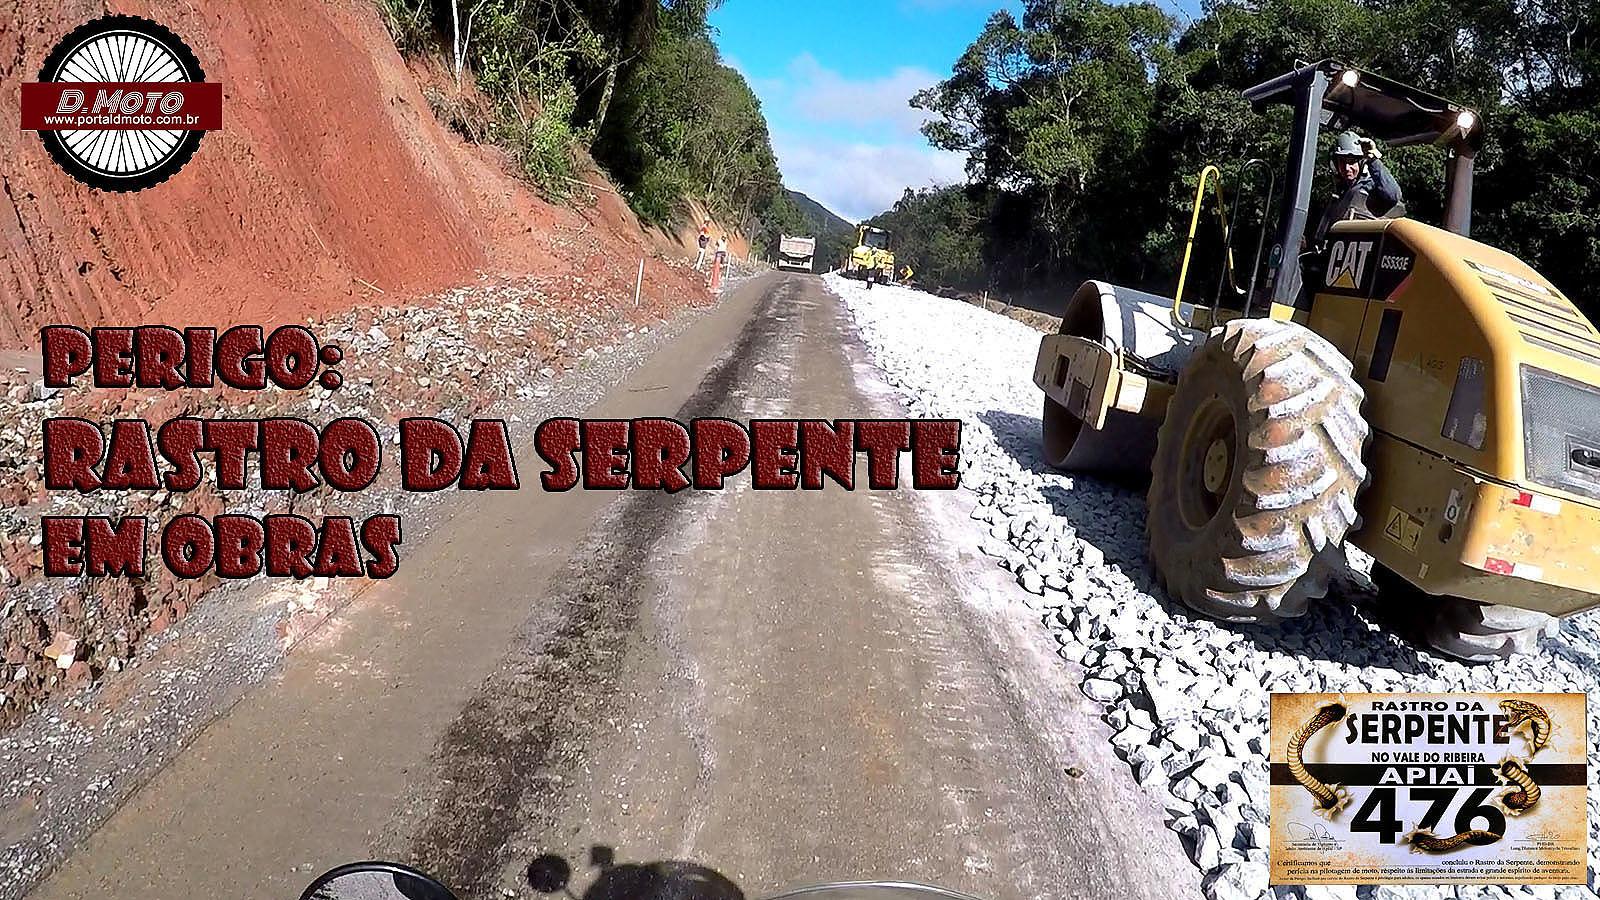 Rastro da Serpente em obras compromete motociclistas